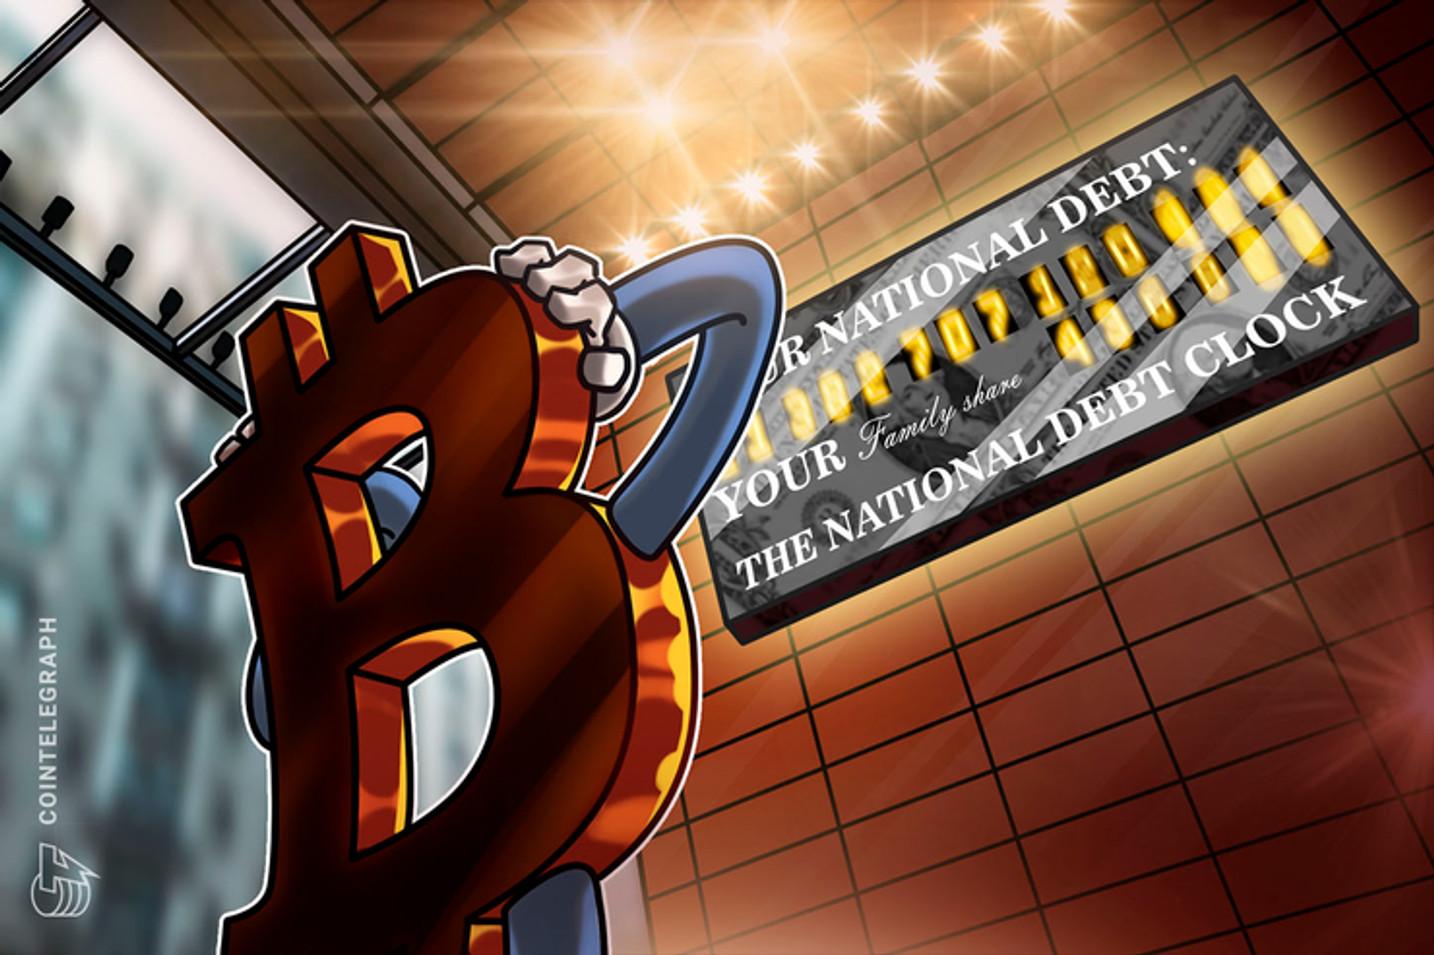 La deuda mundial alcanza nuevos máximos - ¿Es Bitcoin una solución o un beneficiario?